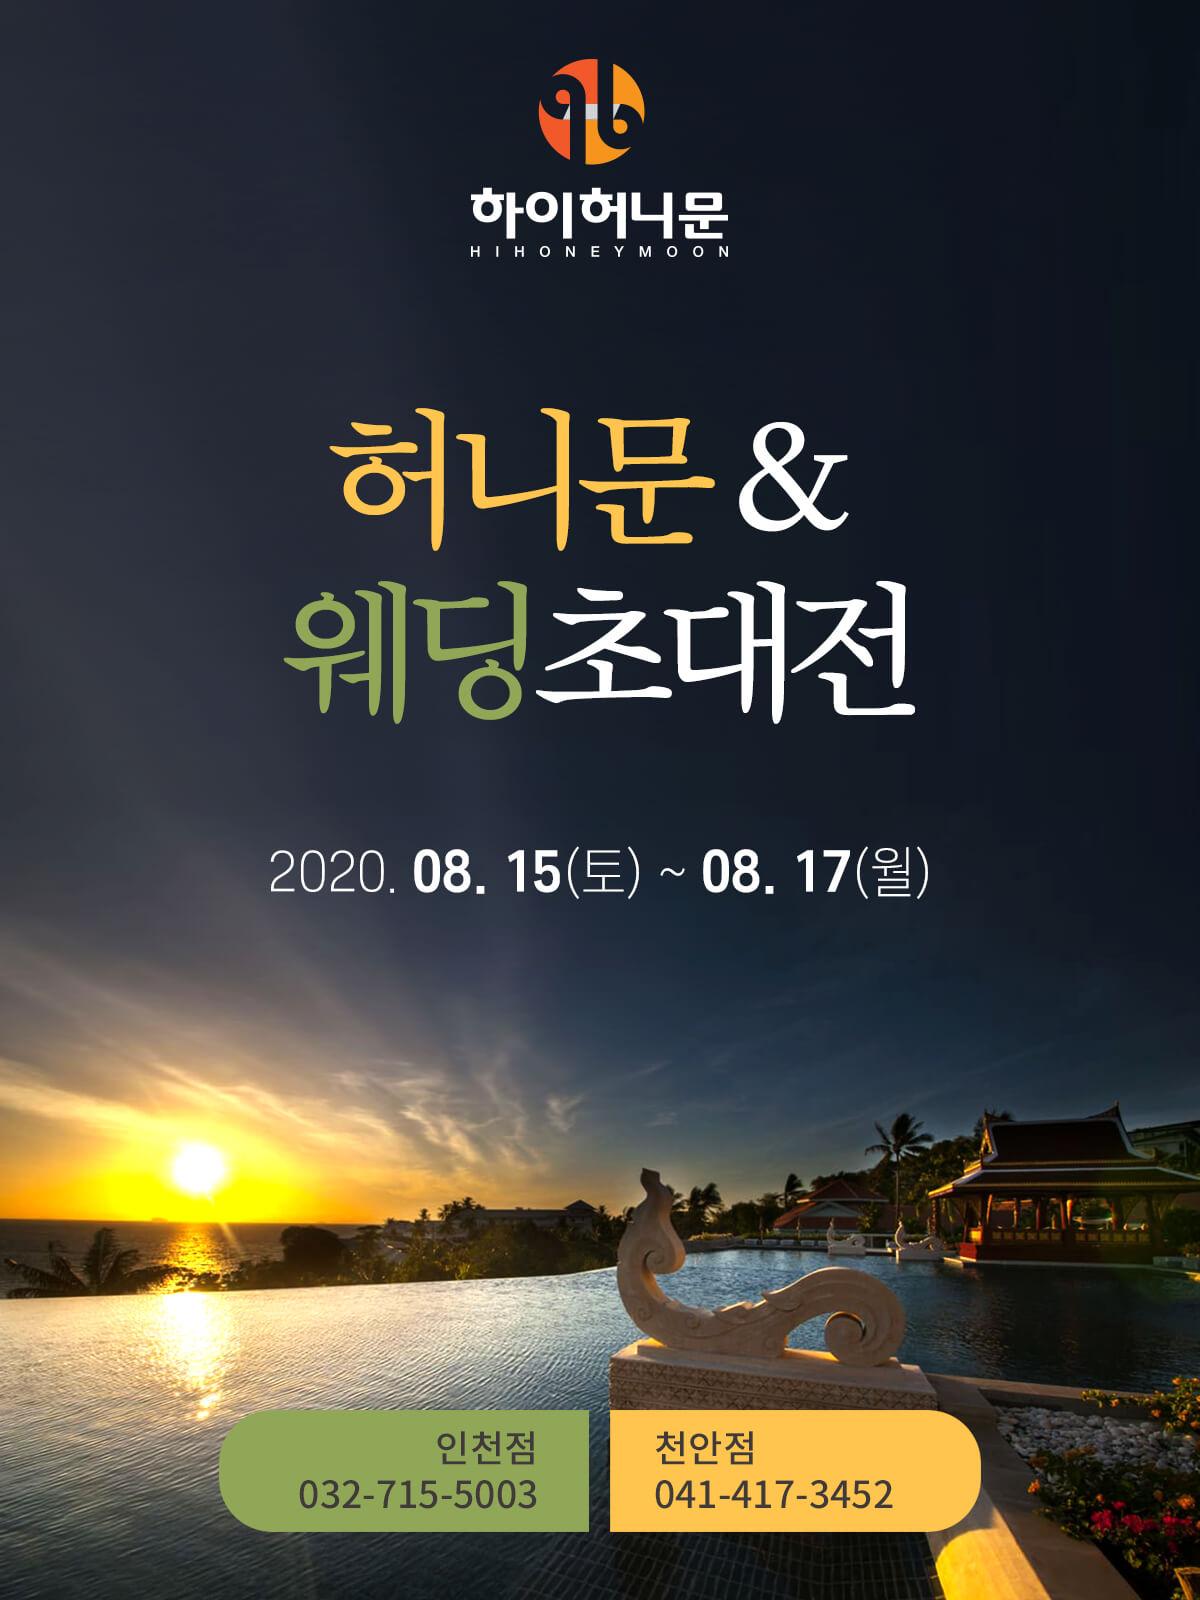 하이허니문 & 웨딩초대전